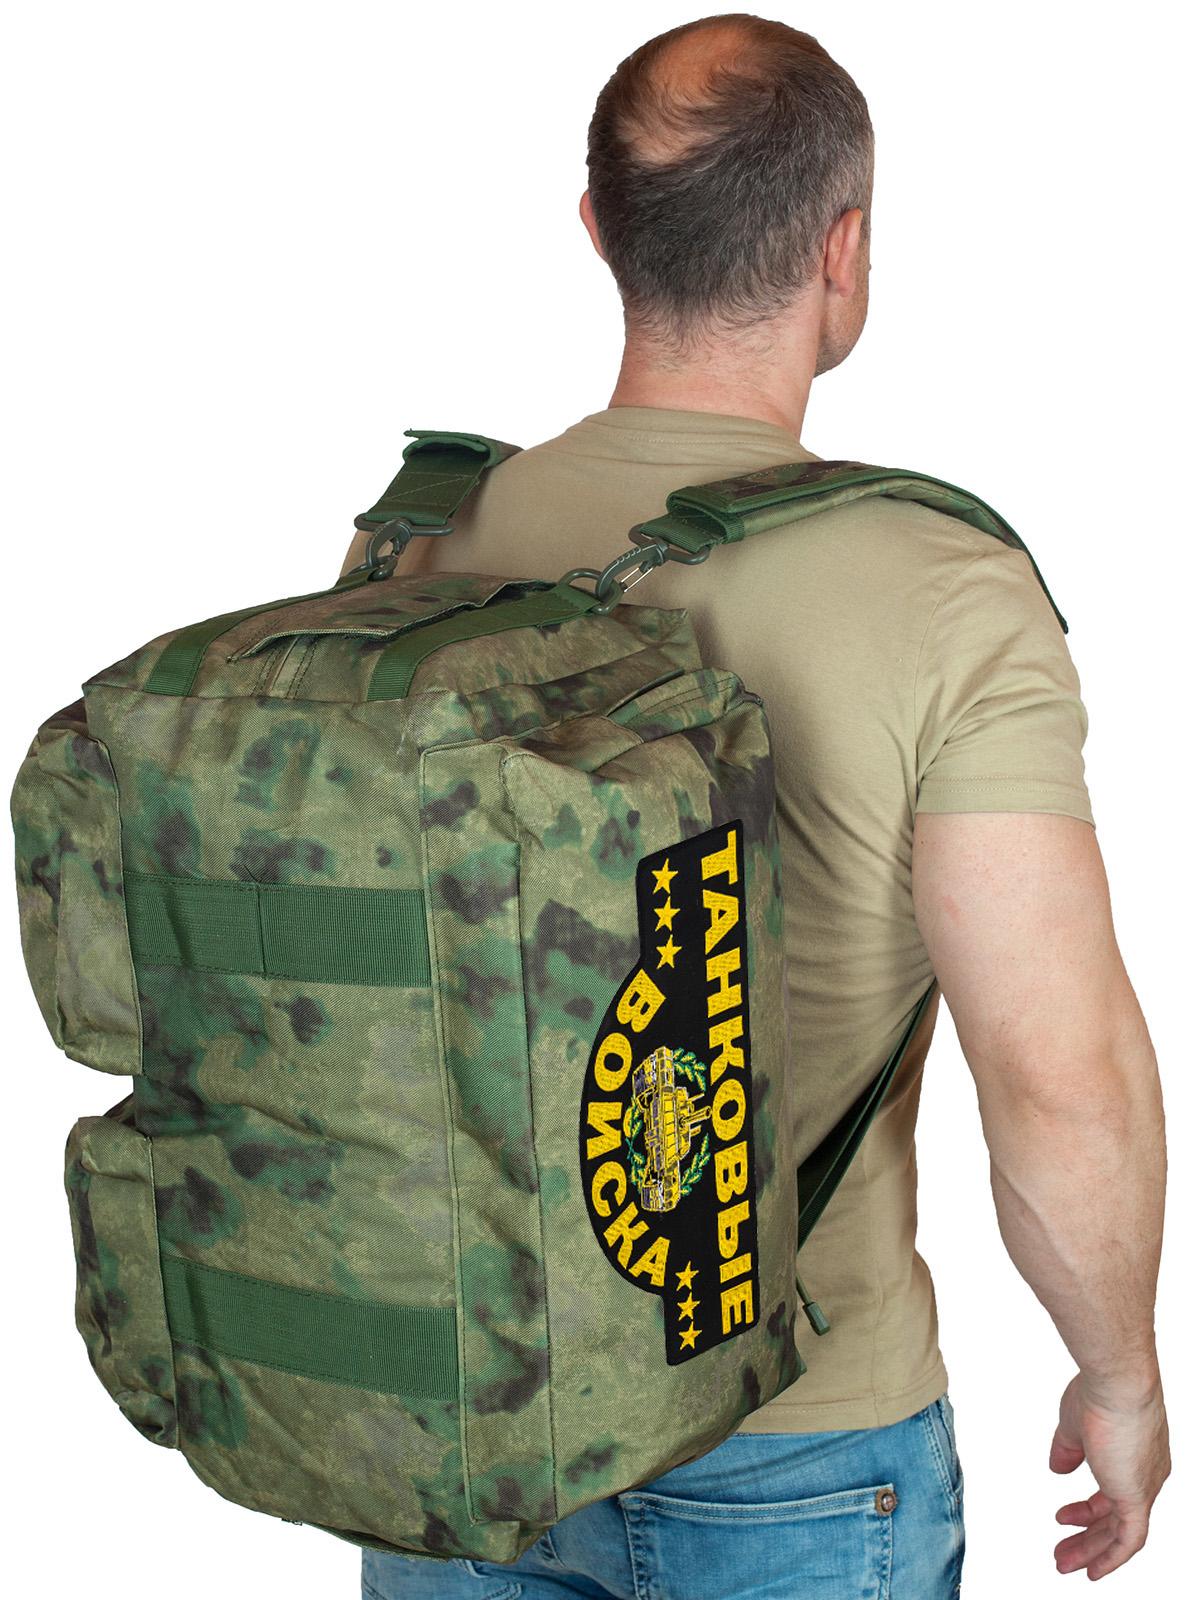 Купить камуфляжную заплечную сумку с нашивкой Танковые Войска по специальной цене